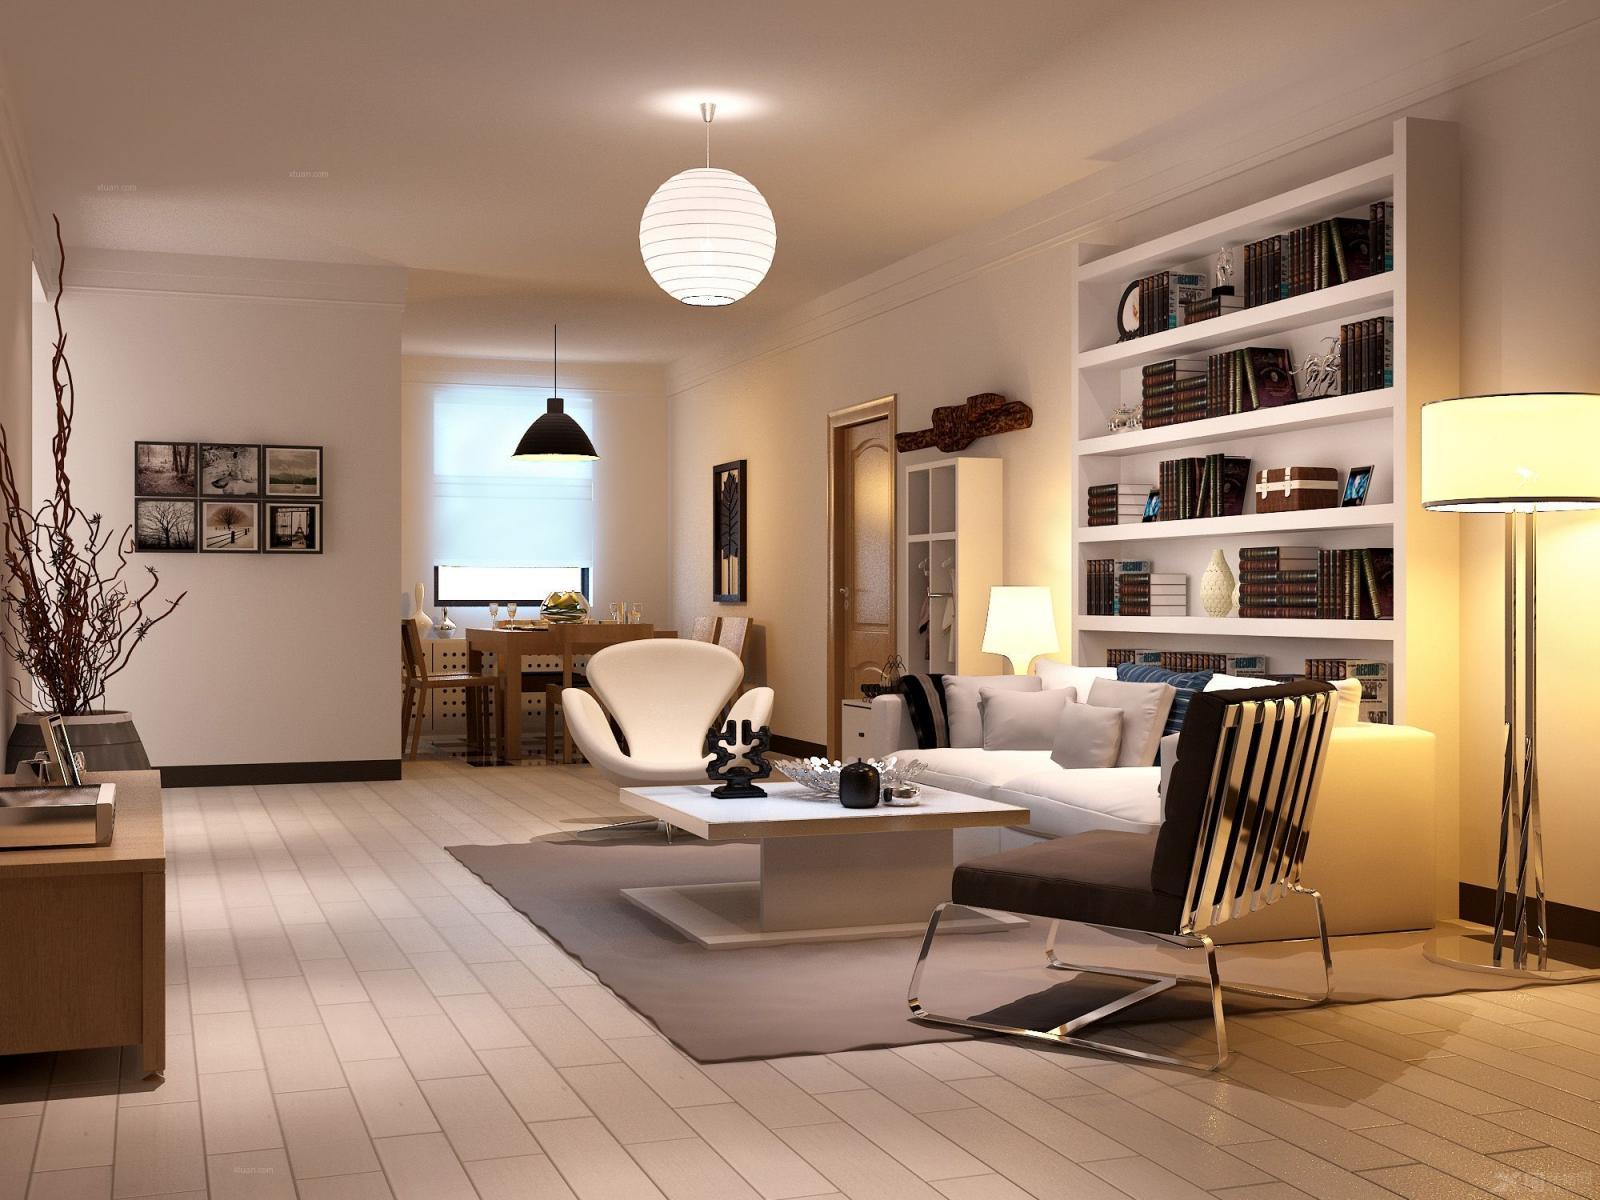 客厅装修效果图  户型:三室一厅 房间:客厅 风格:现代简约 装修类型图片